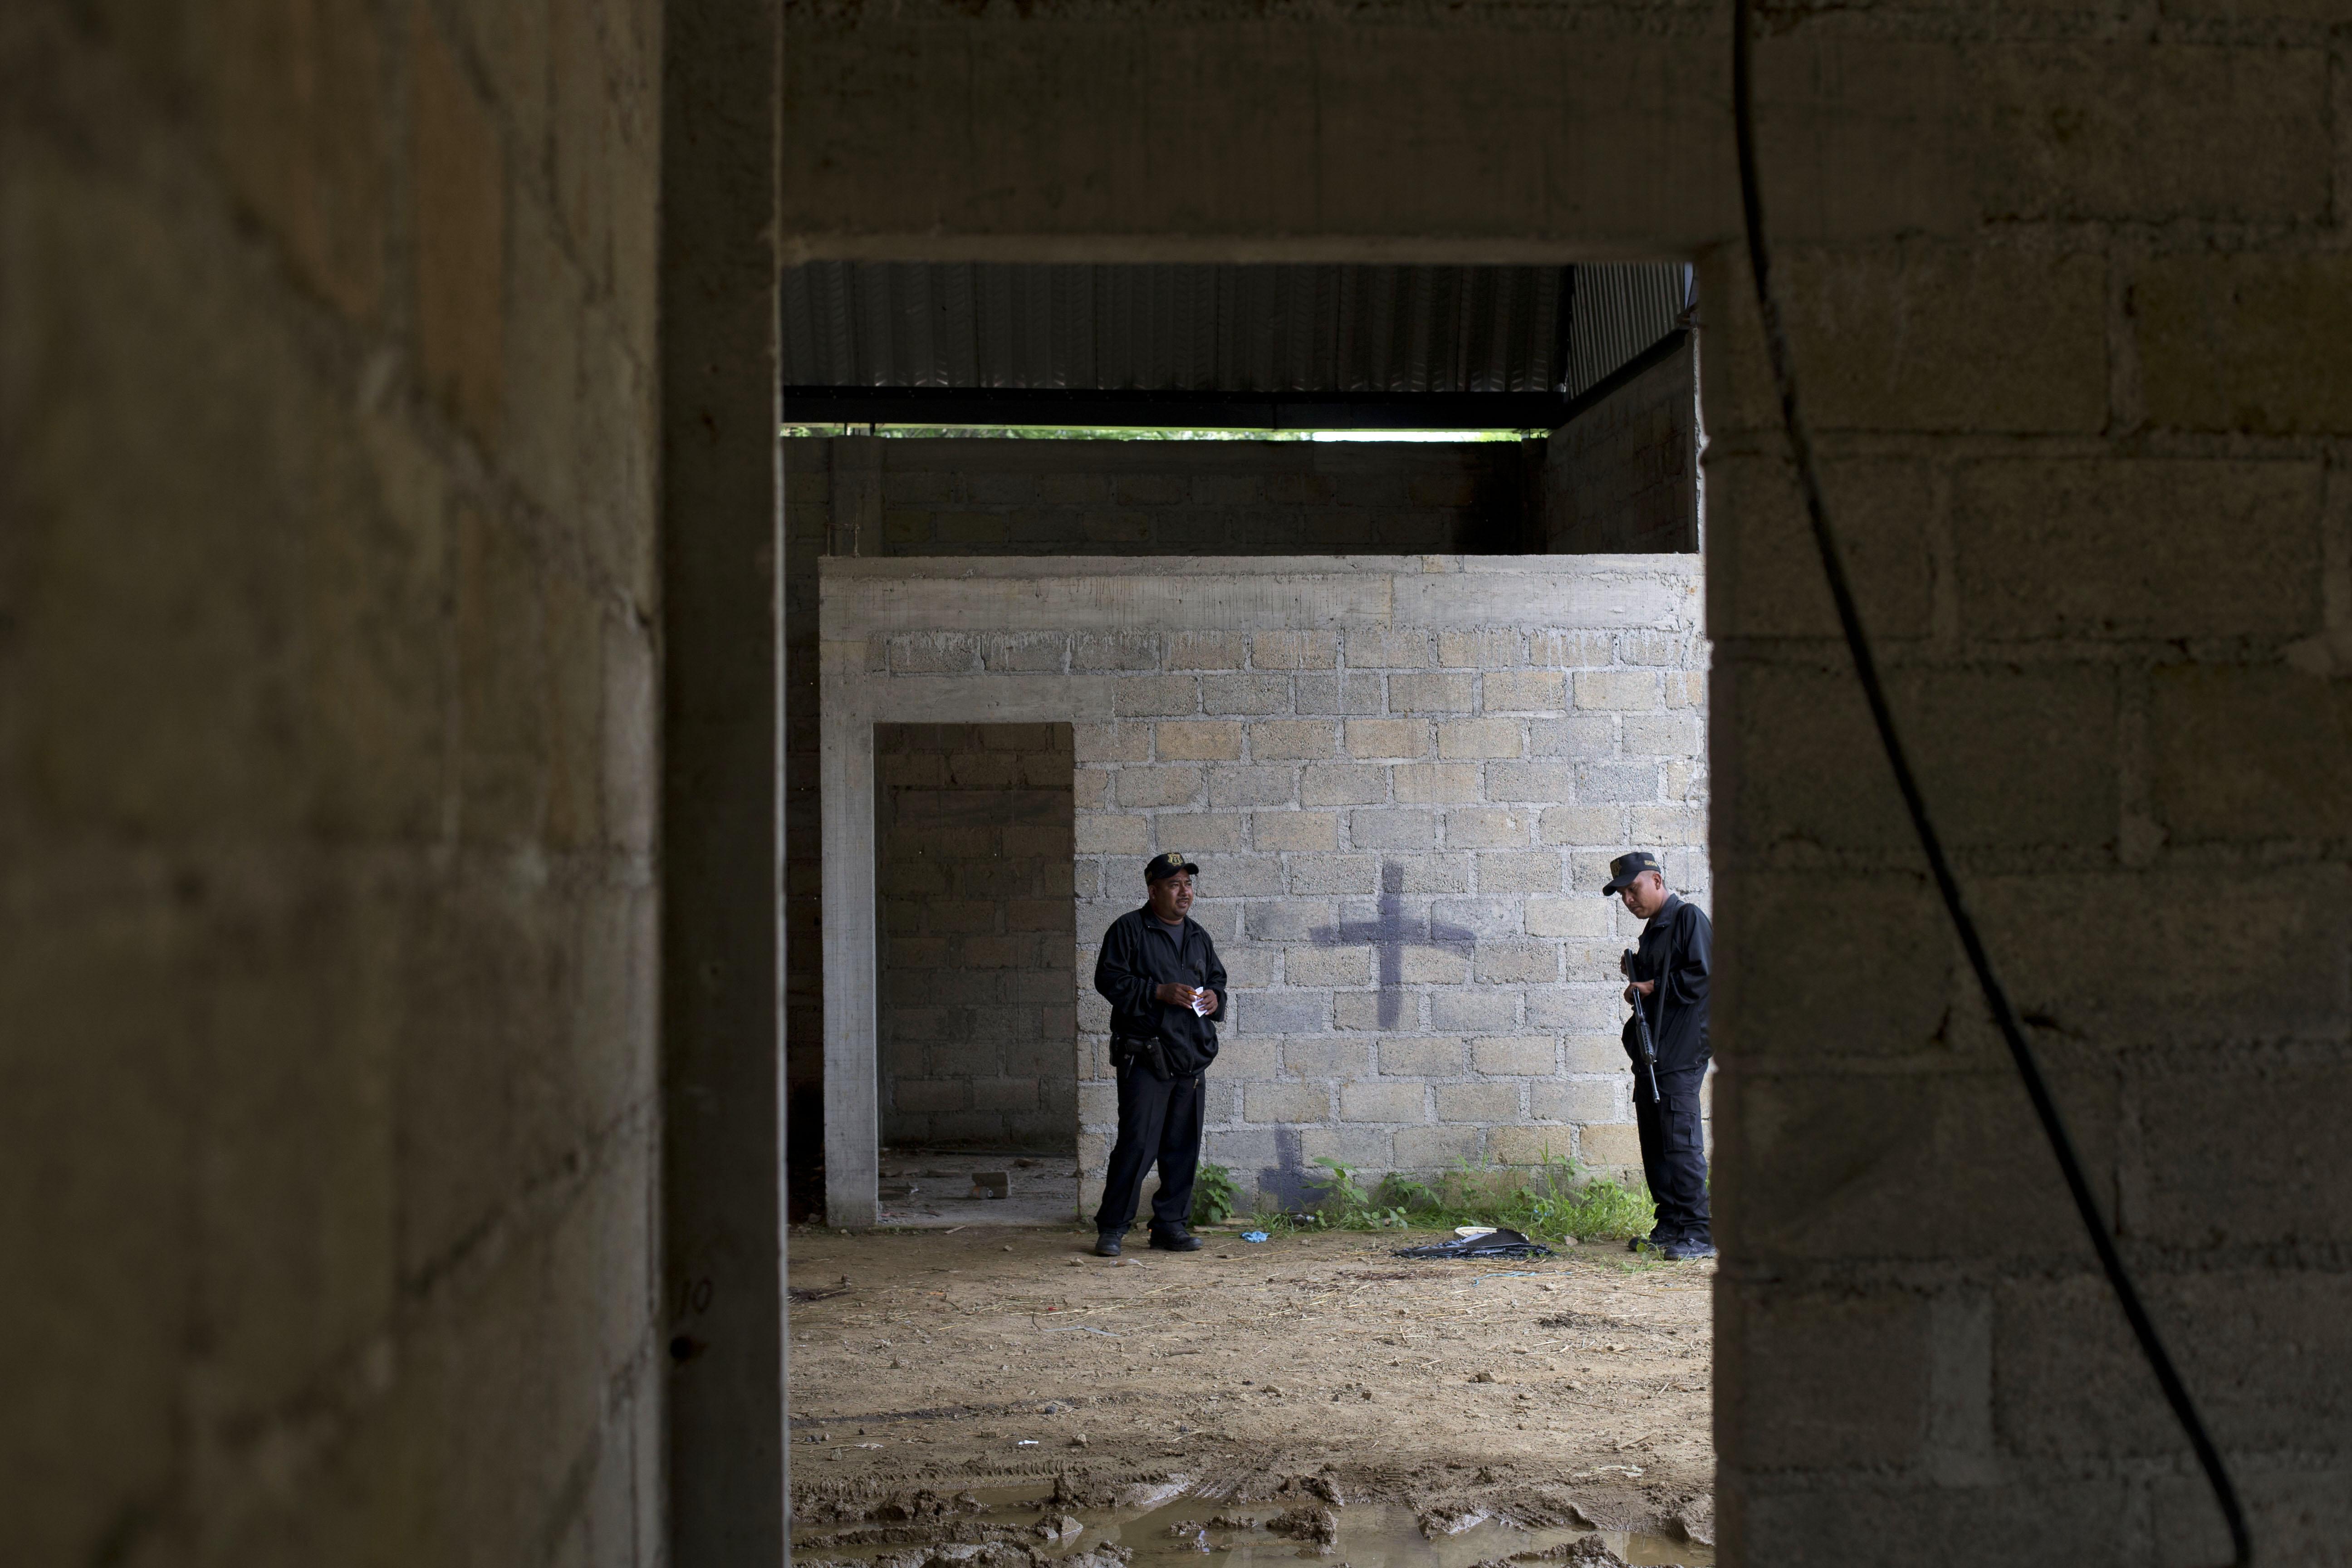 Juez federal ordena a la PGR ampliar investigación sobre el caso Tlatlaya